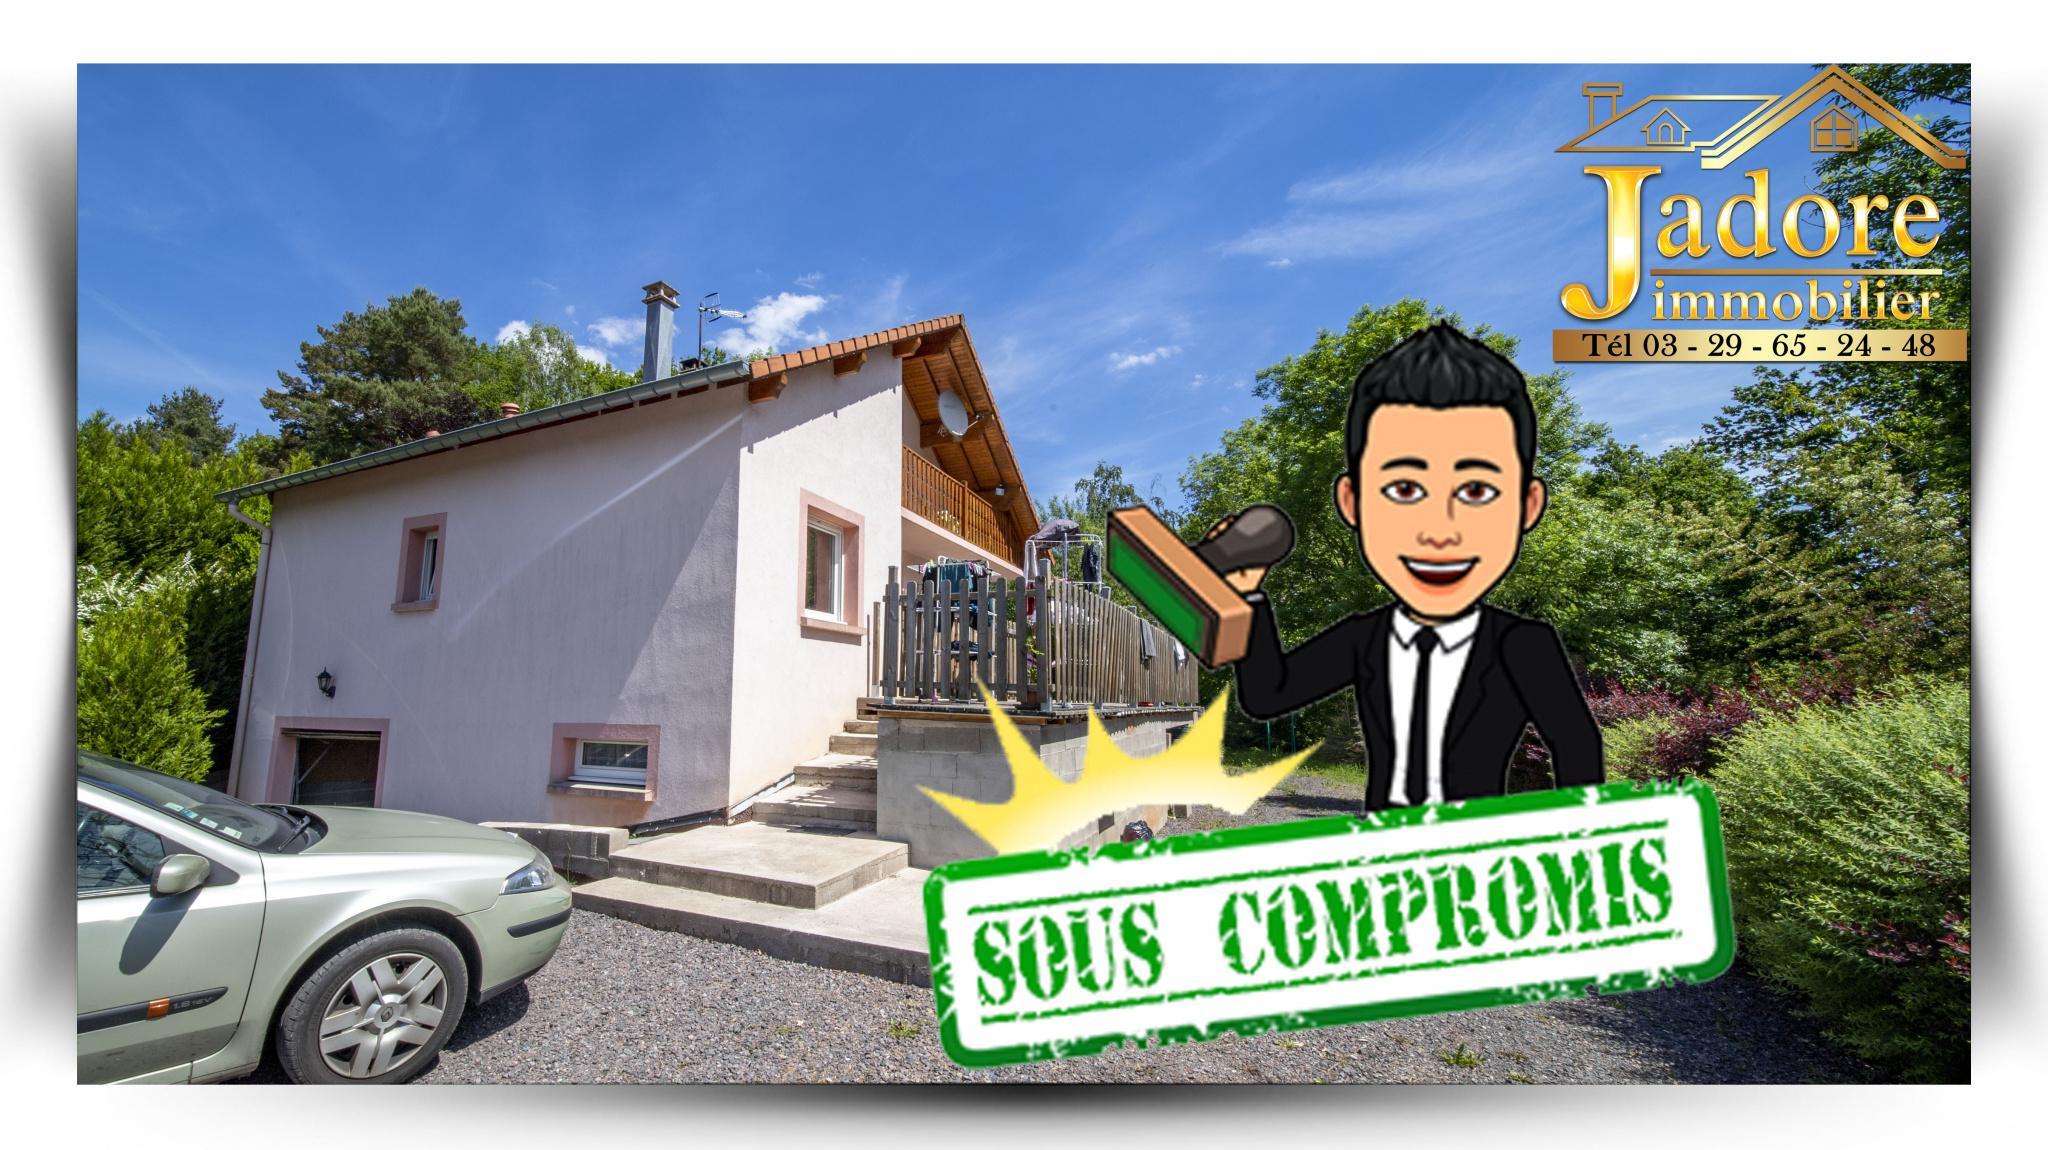 maison/villa à vendre st die des vosges